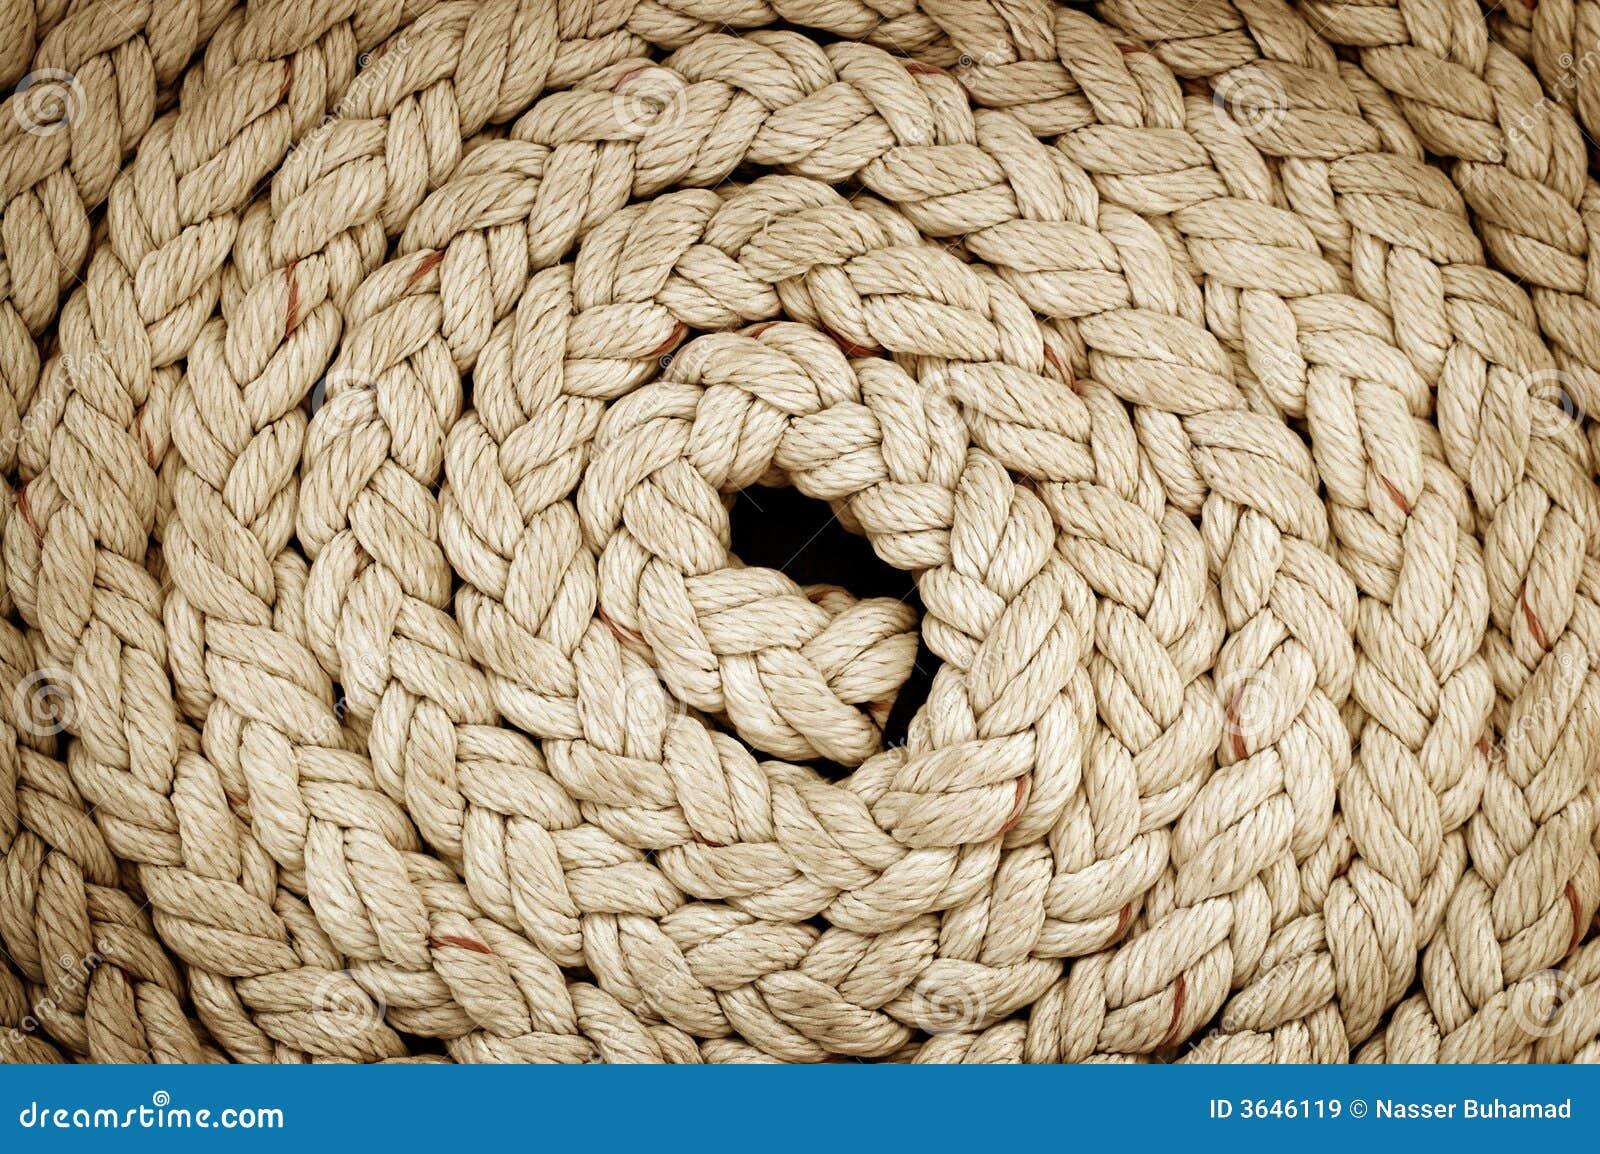 Round Rope